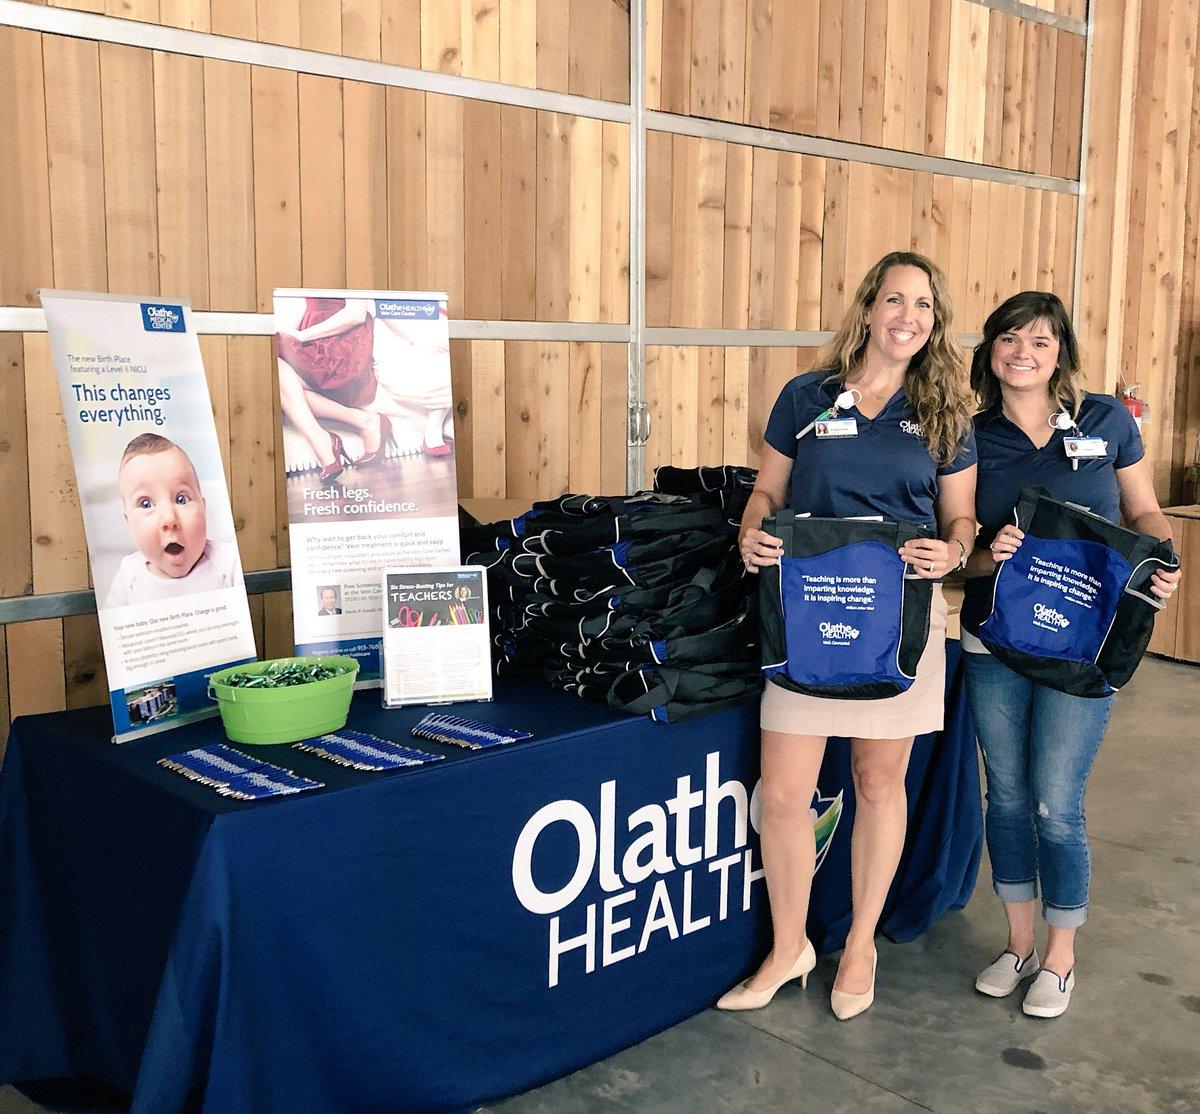 Olathe Health Picture